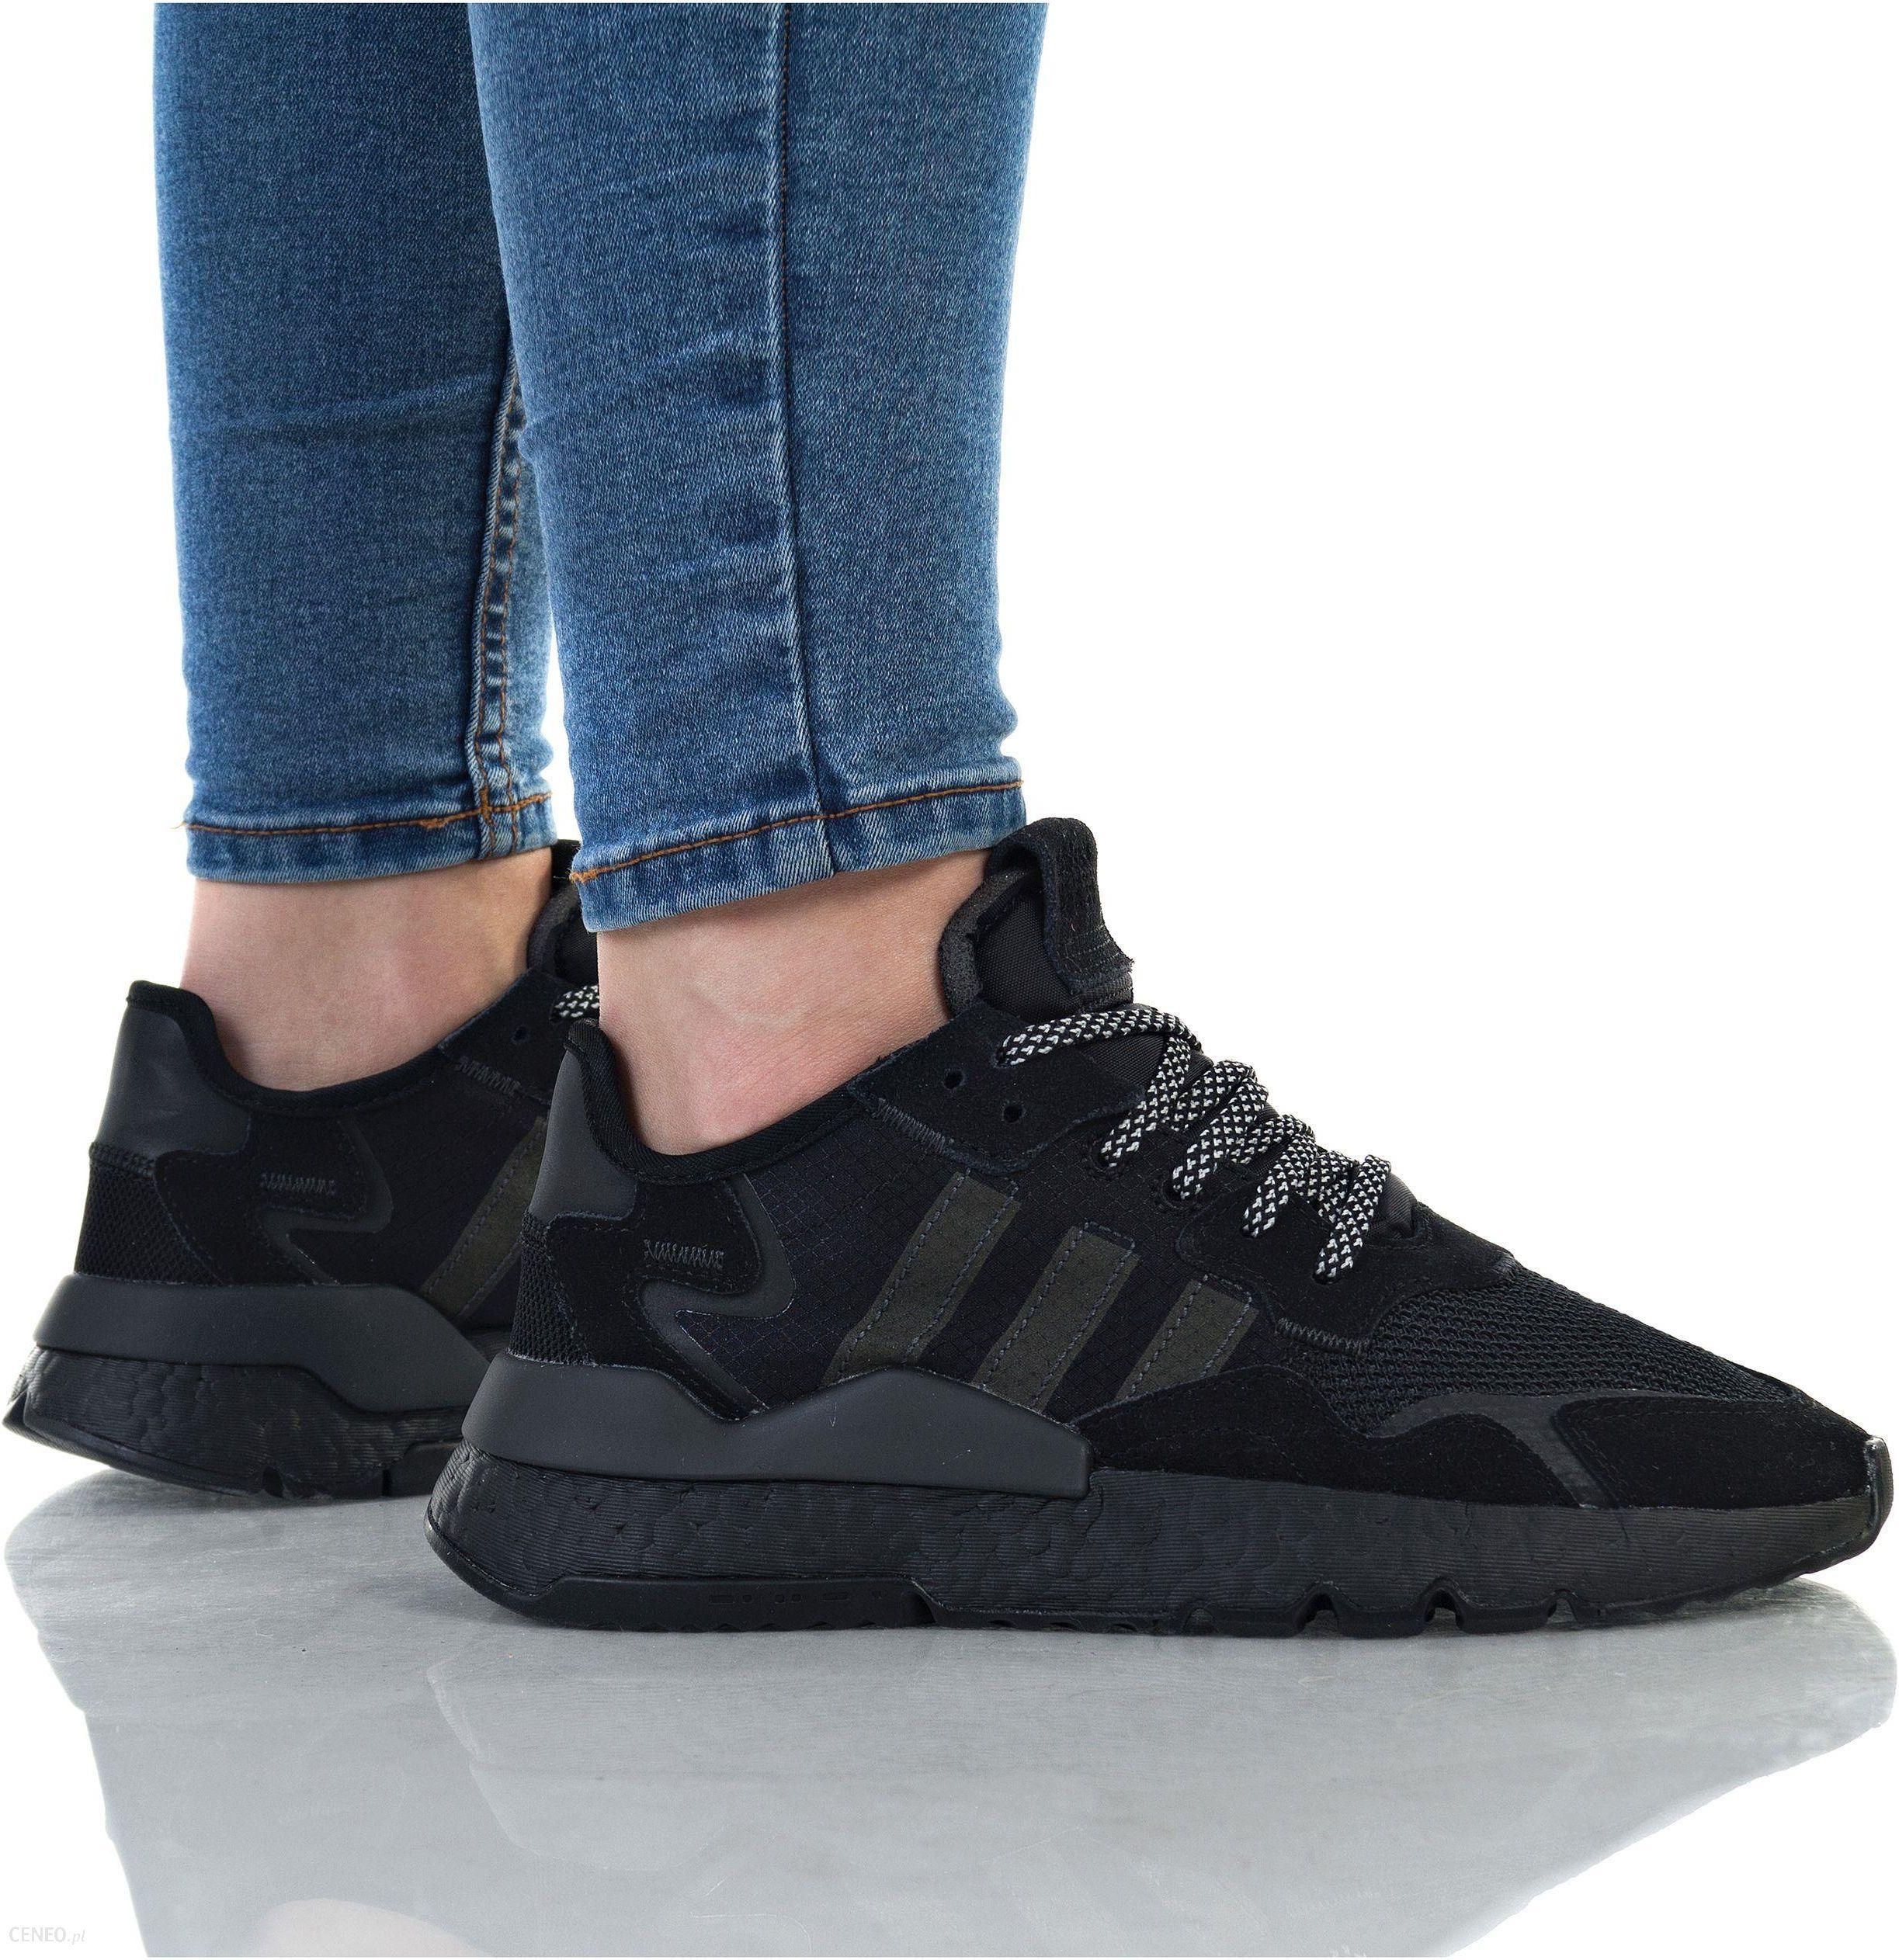 czarne buty adidas do 300 zł